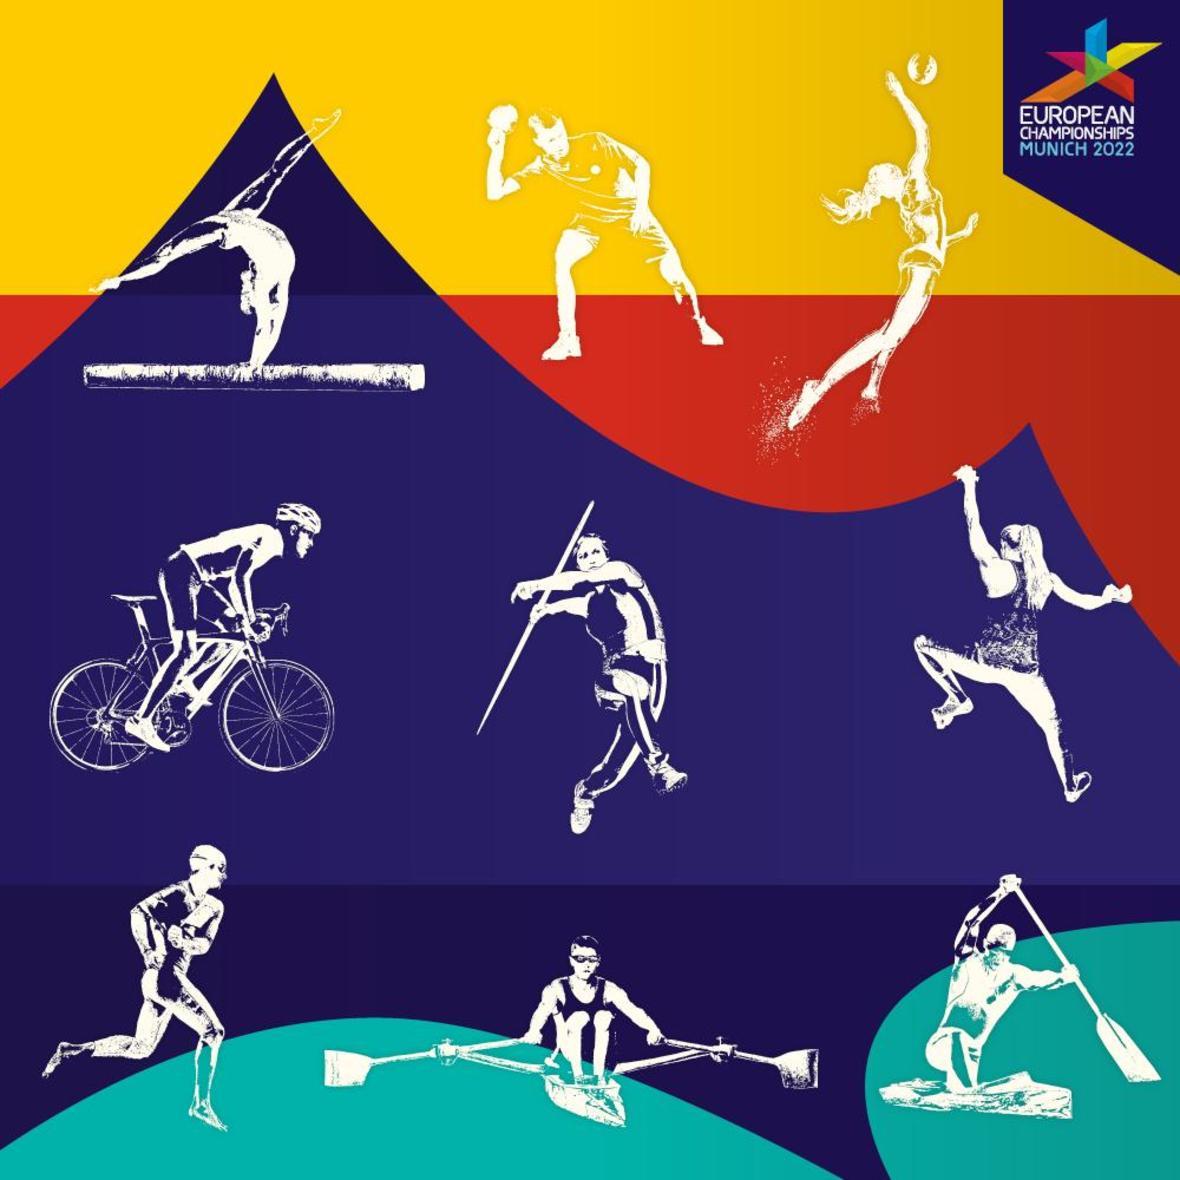 KeyVisual der European Championships Munich 2022, Foto: European Championships Munich 2022